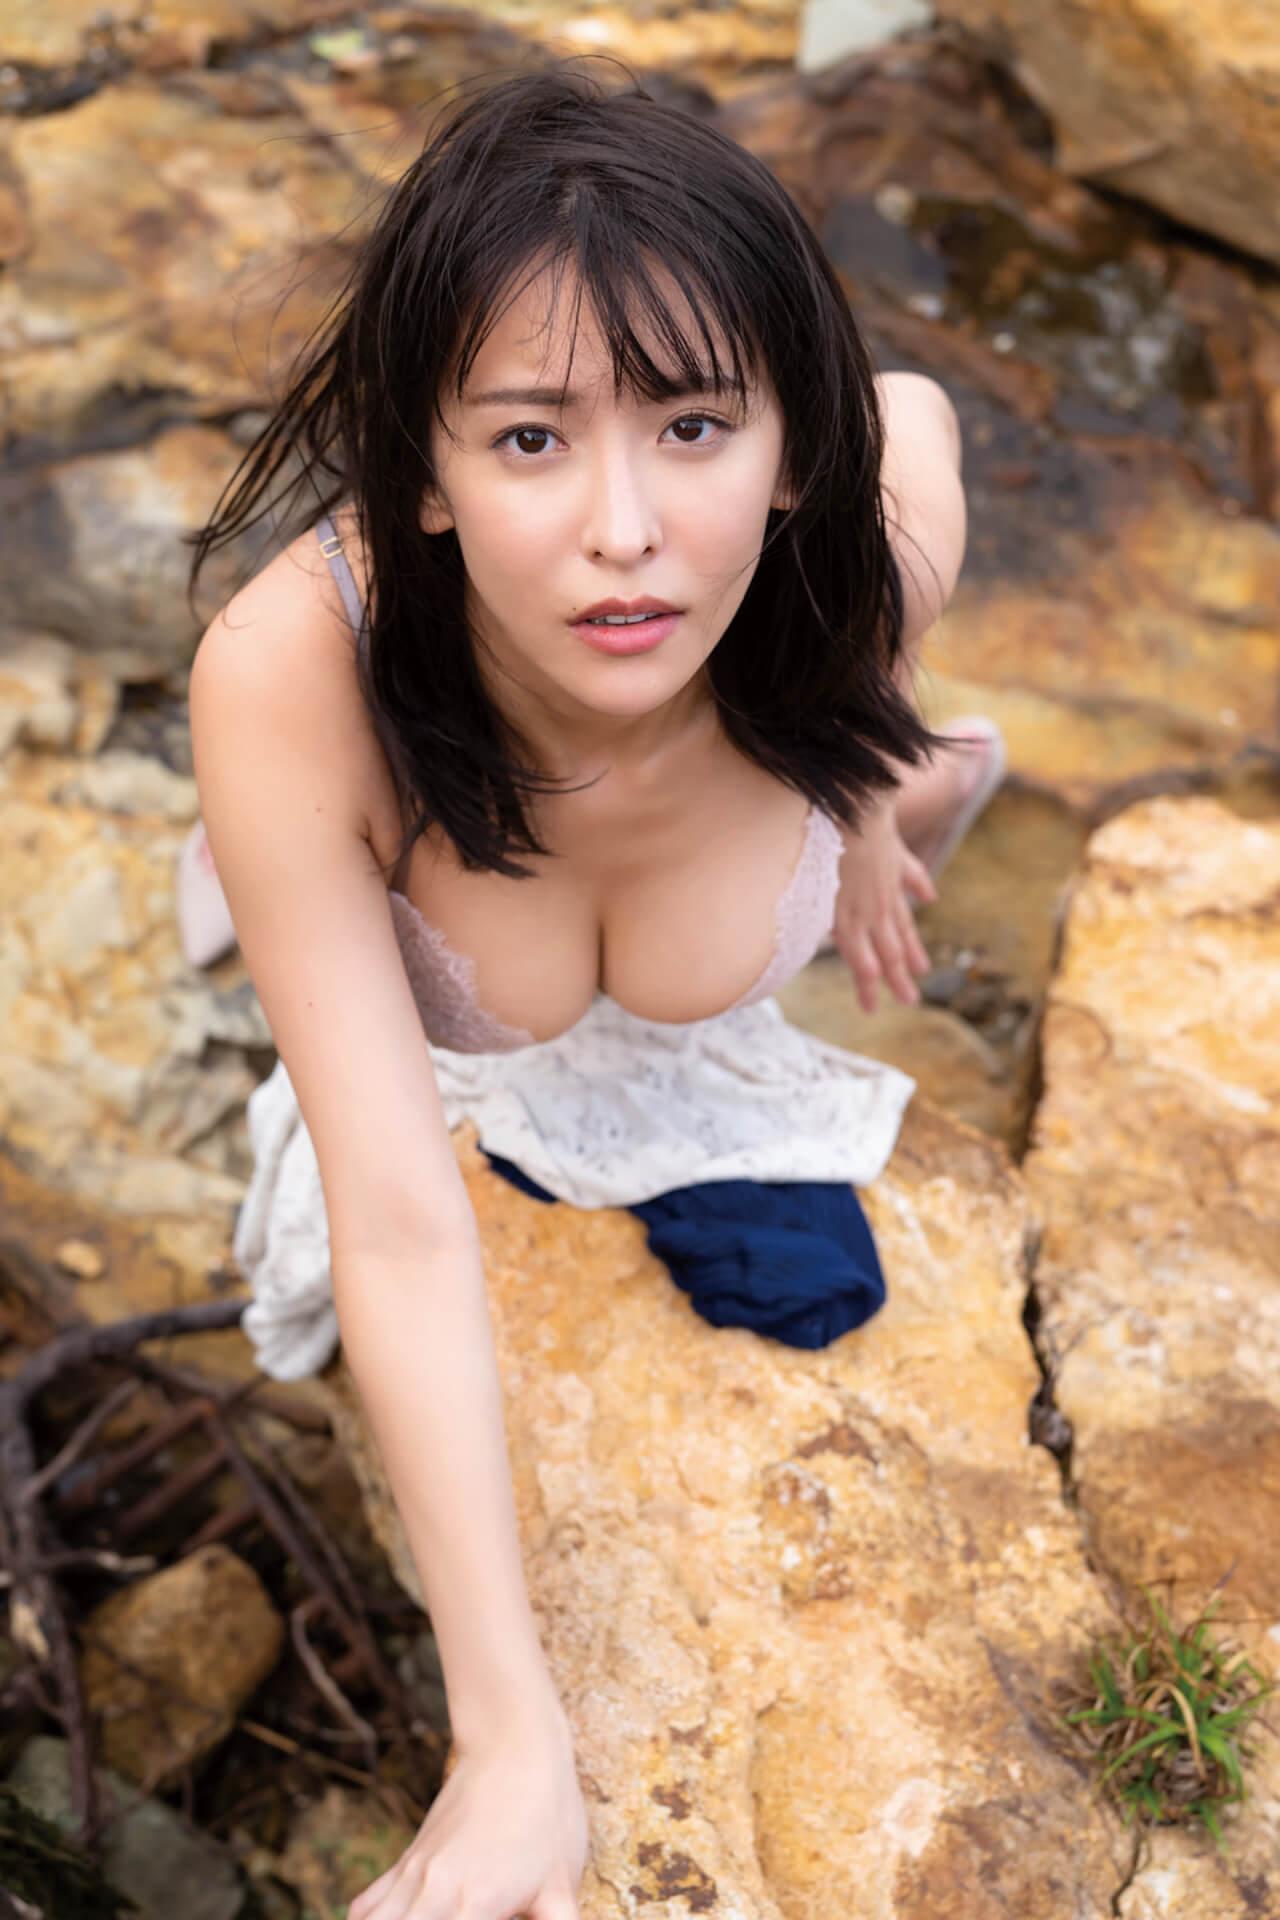 写真集『たまゆら』でセクシーすぎる横乳を披露した奈月セナがサイン本お渡し会を開催!コメントも到着 art210705_natsukisena_3